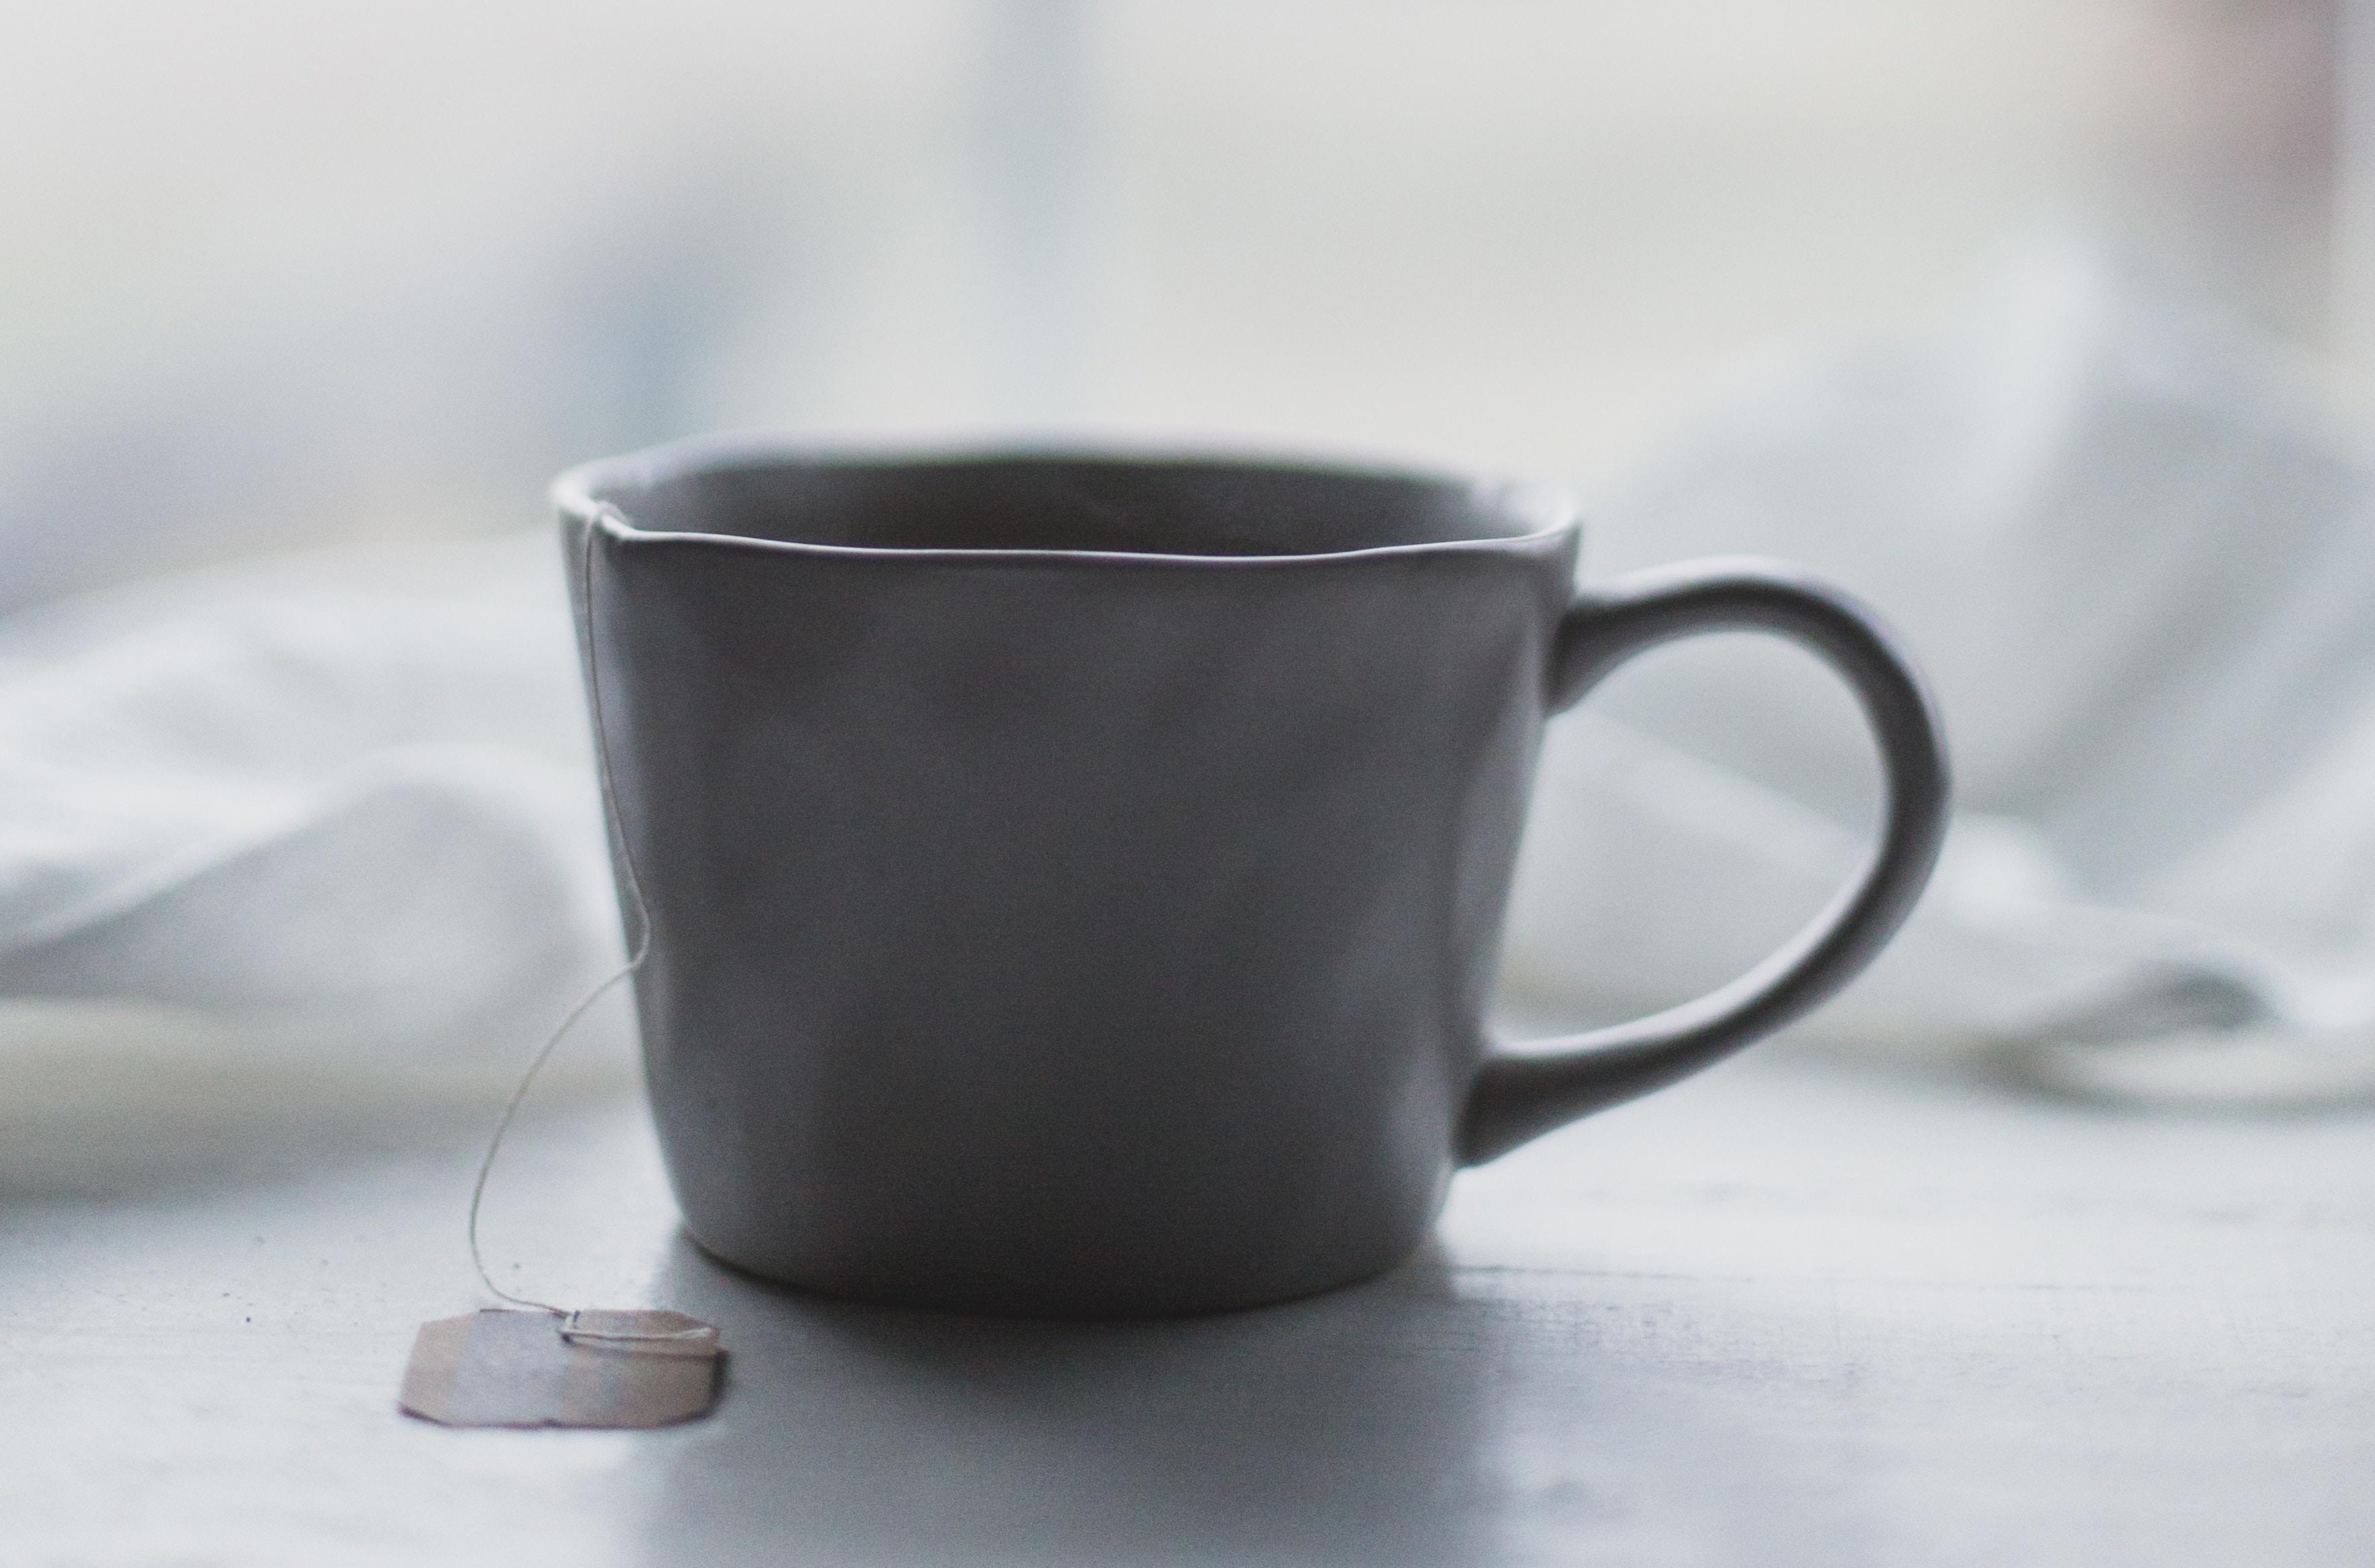 Tazza Personalizzata Fai Da Te come personalizzare una tazza - frasi e pensieri